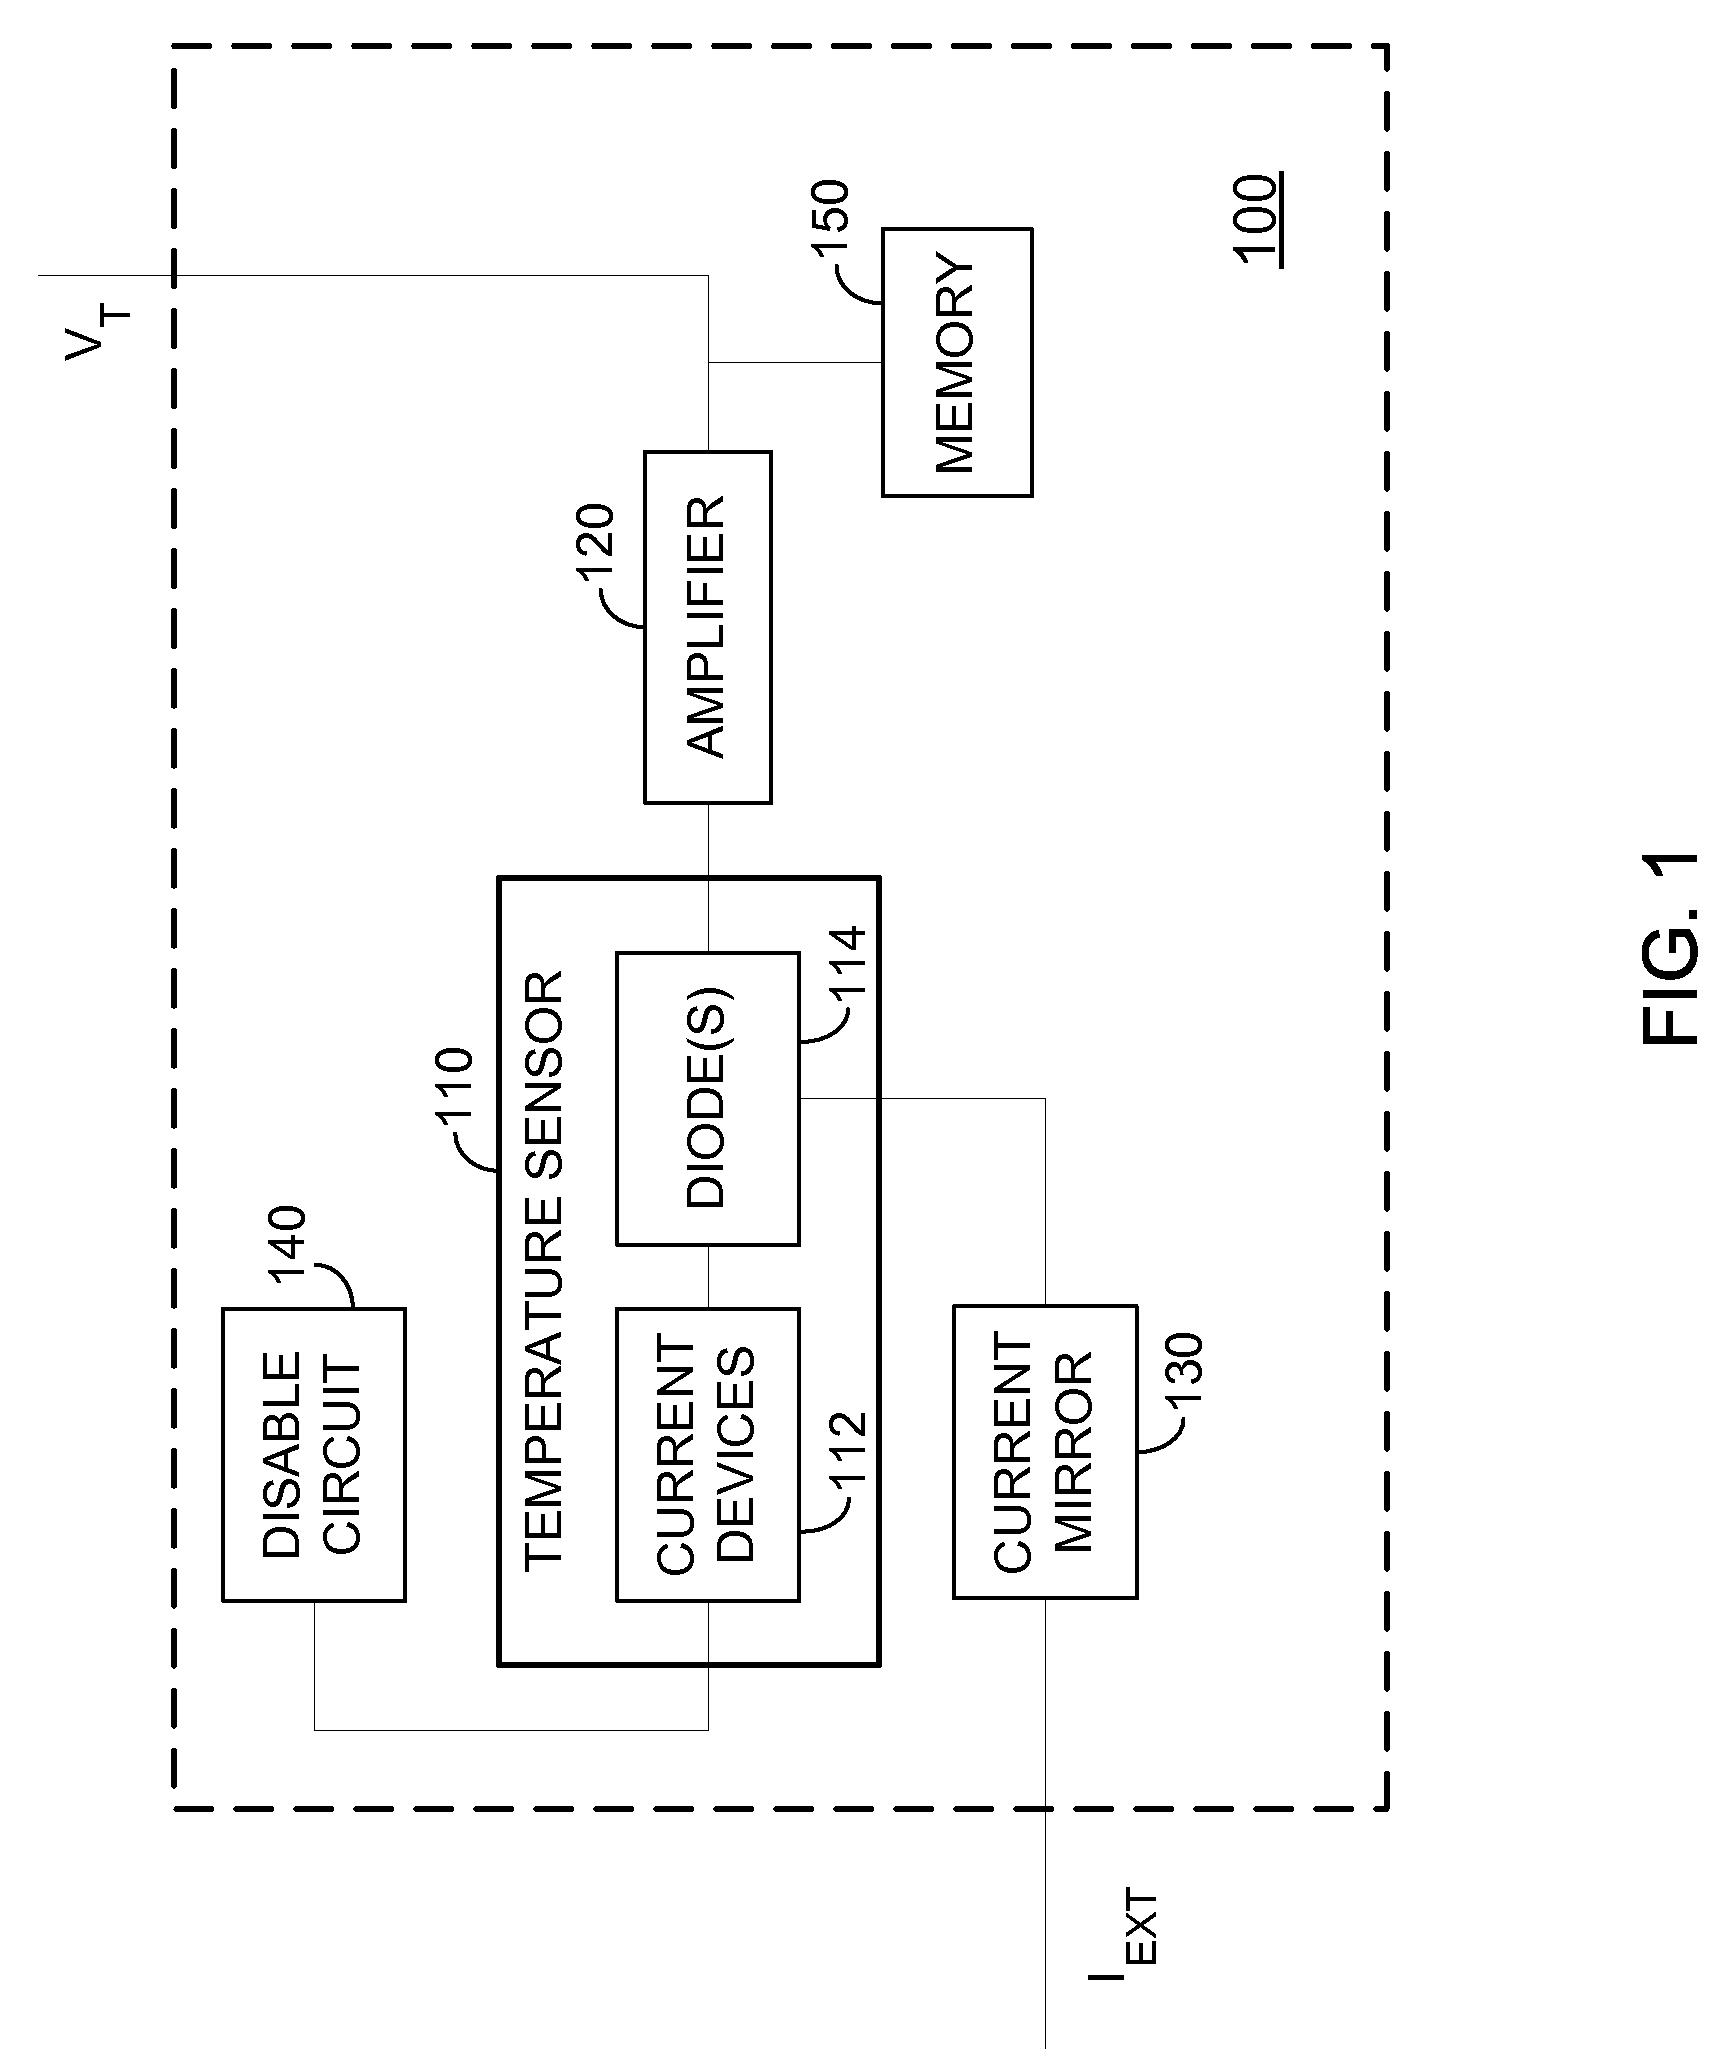 patent us7695189